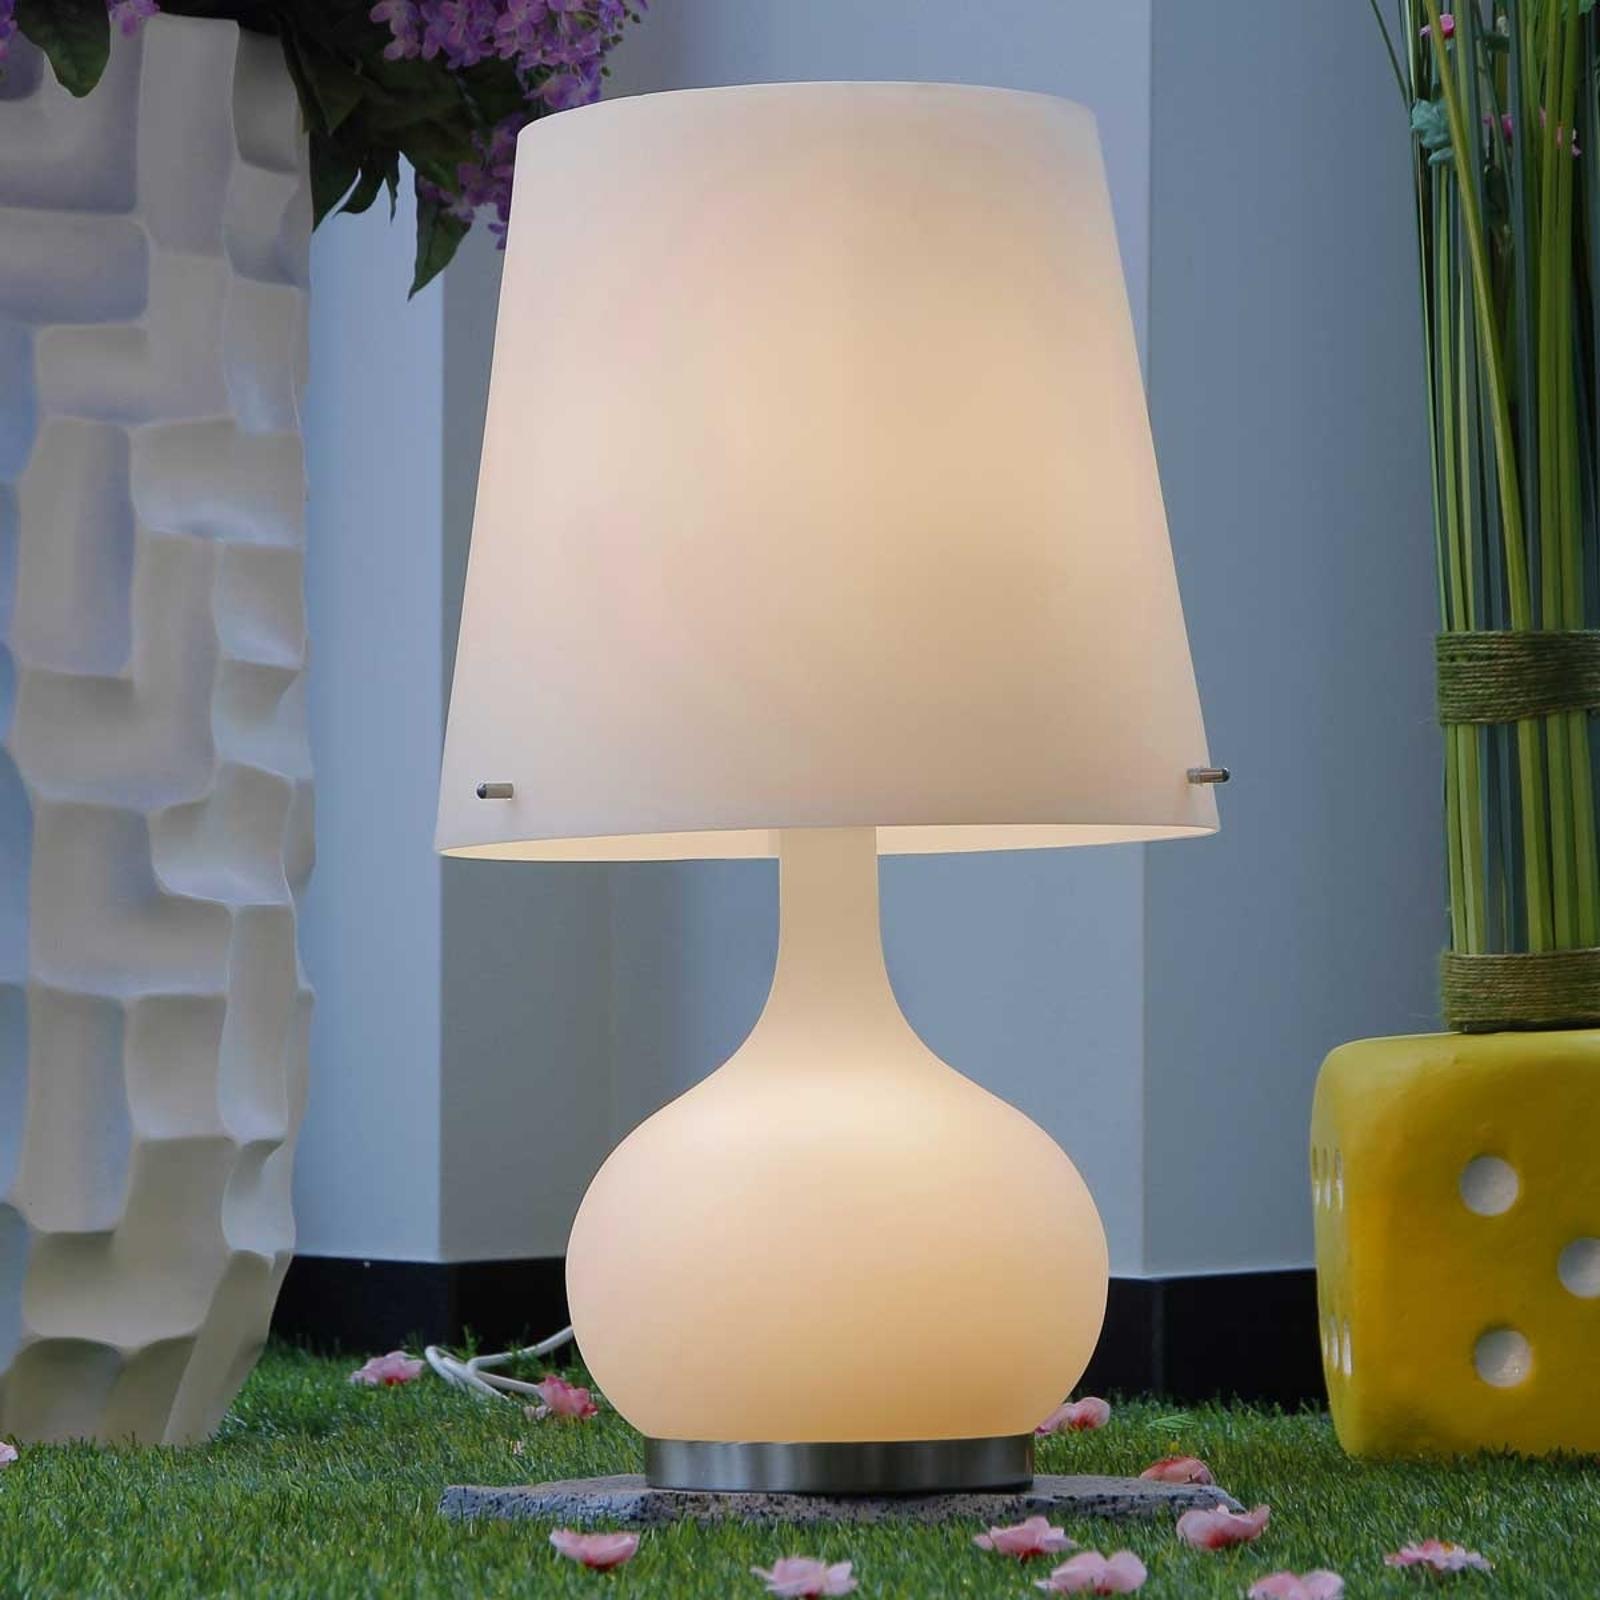 Bordslampa Ade, vit, 58 cm